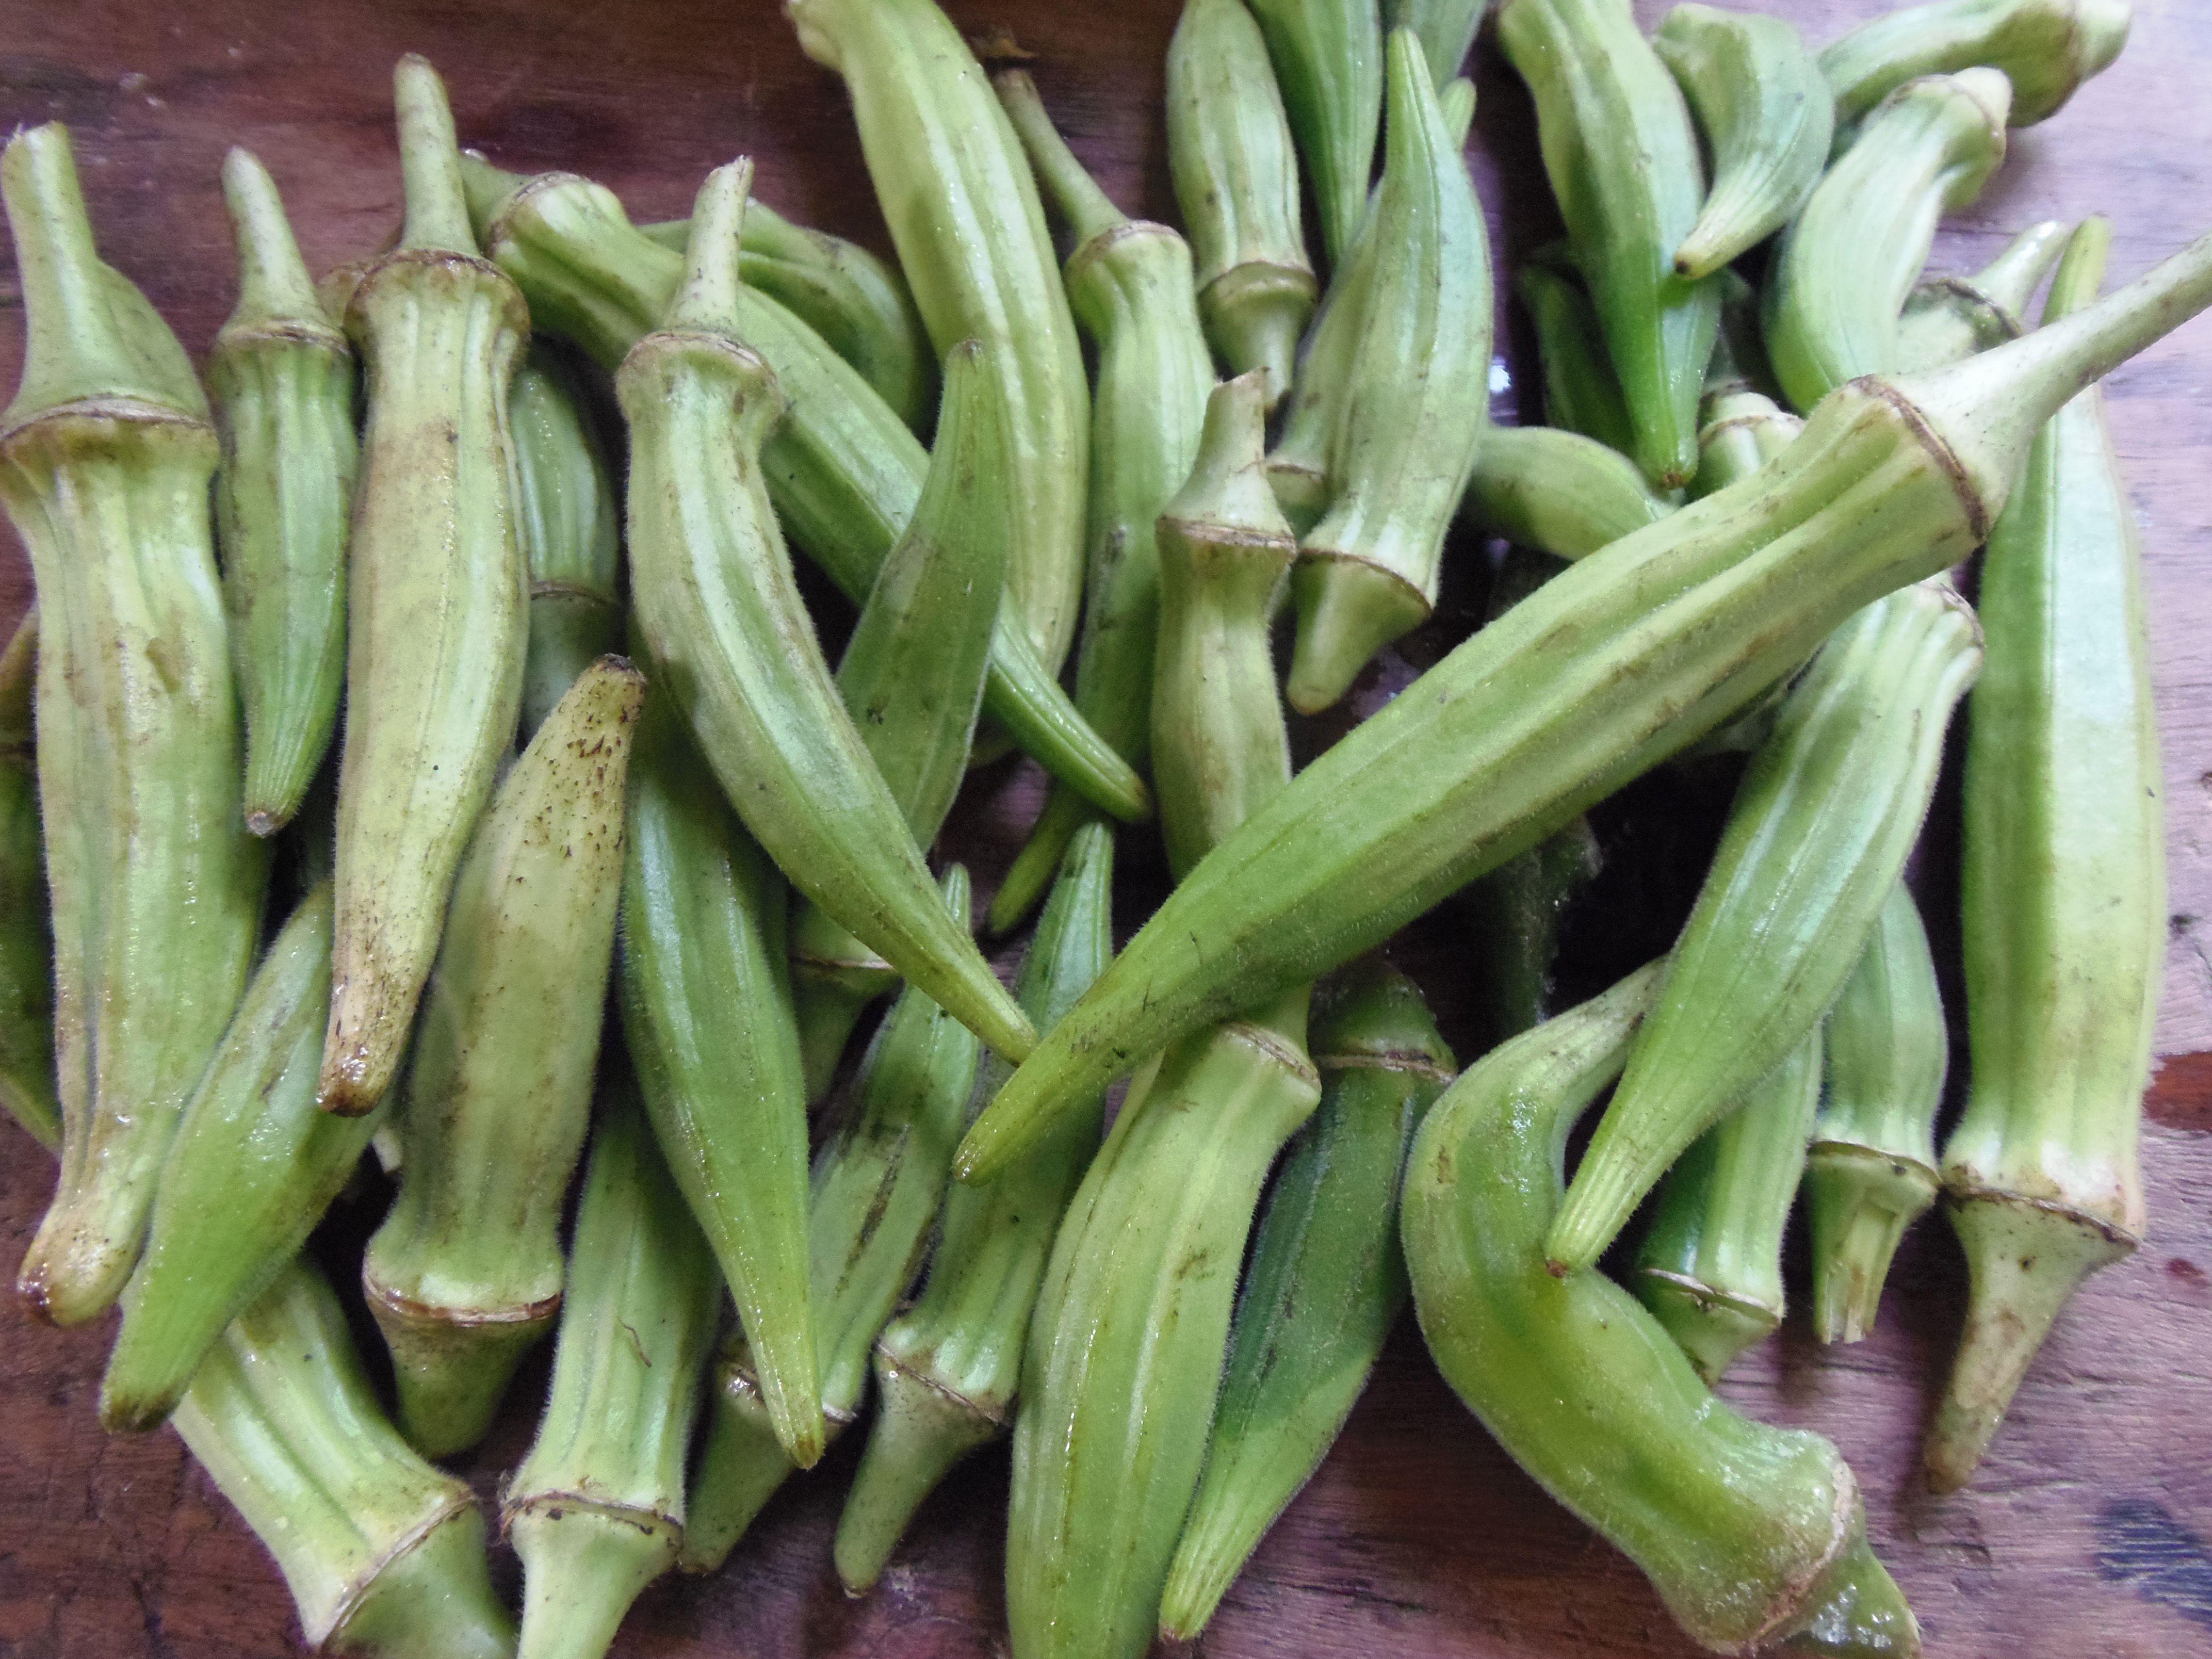 Fresh-Picked Okra